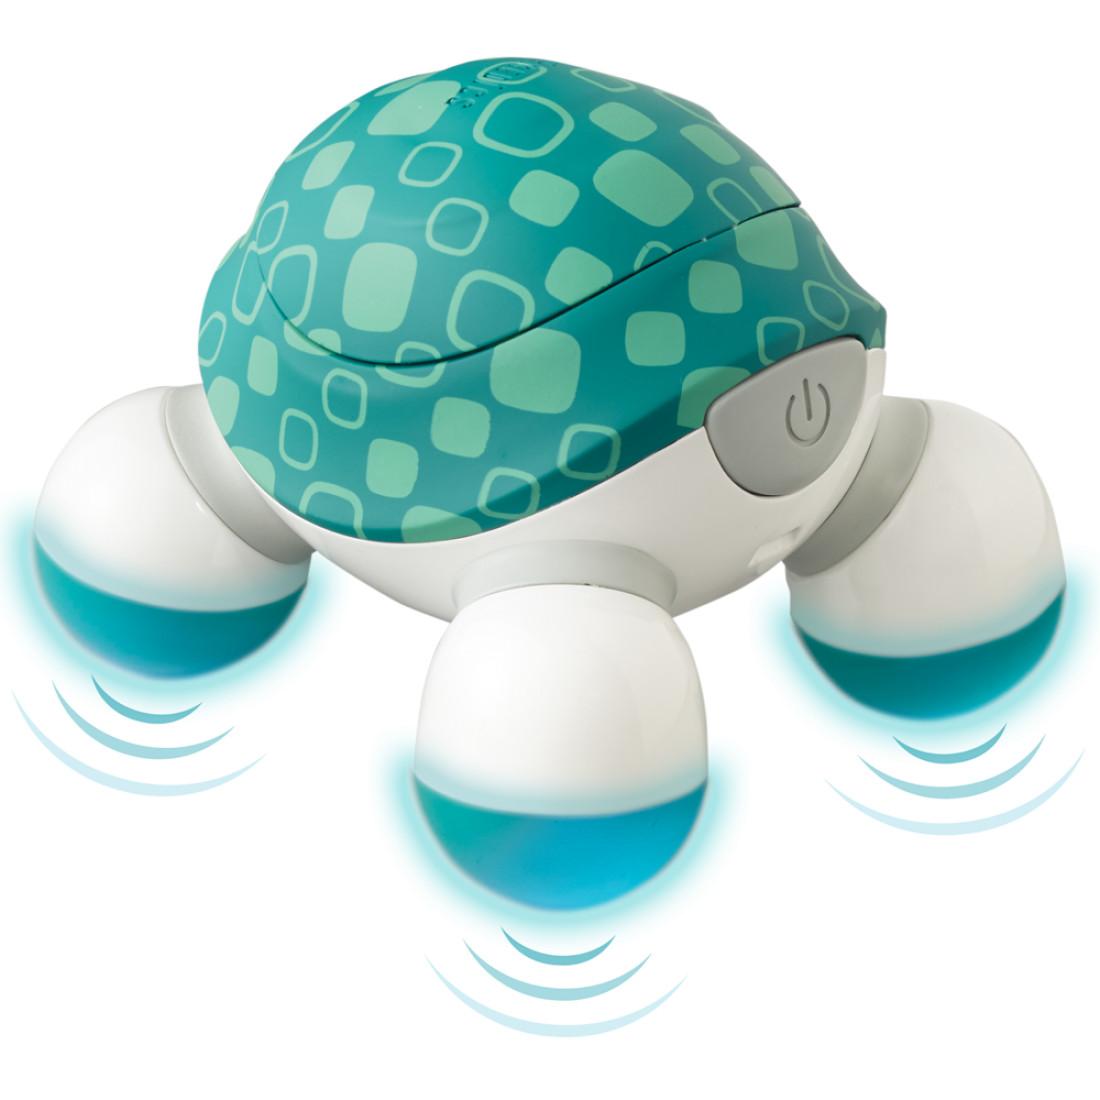 Máy Massage cầm tay Mini Turtle 3 đầu nhập khẩu USA Homedics NOV-60